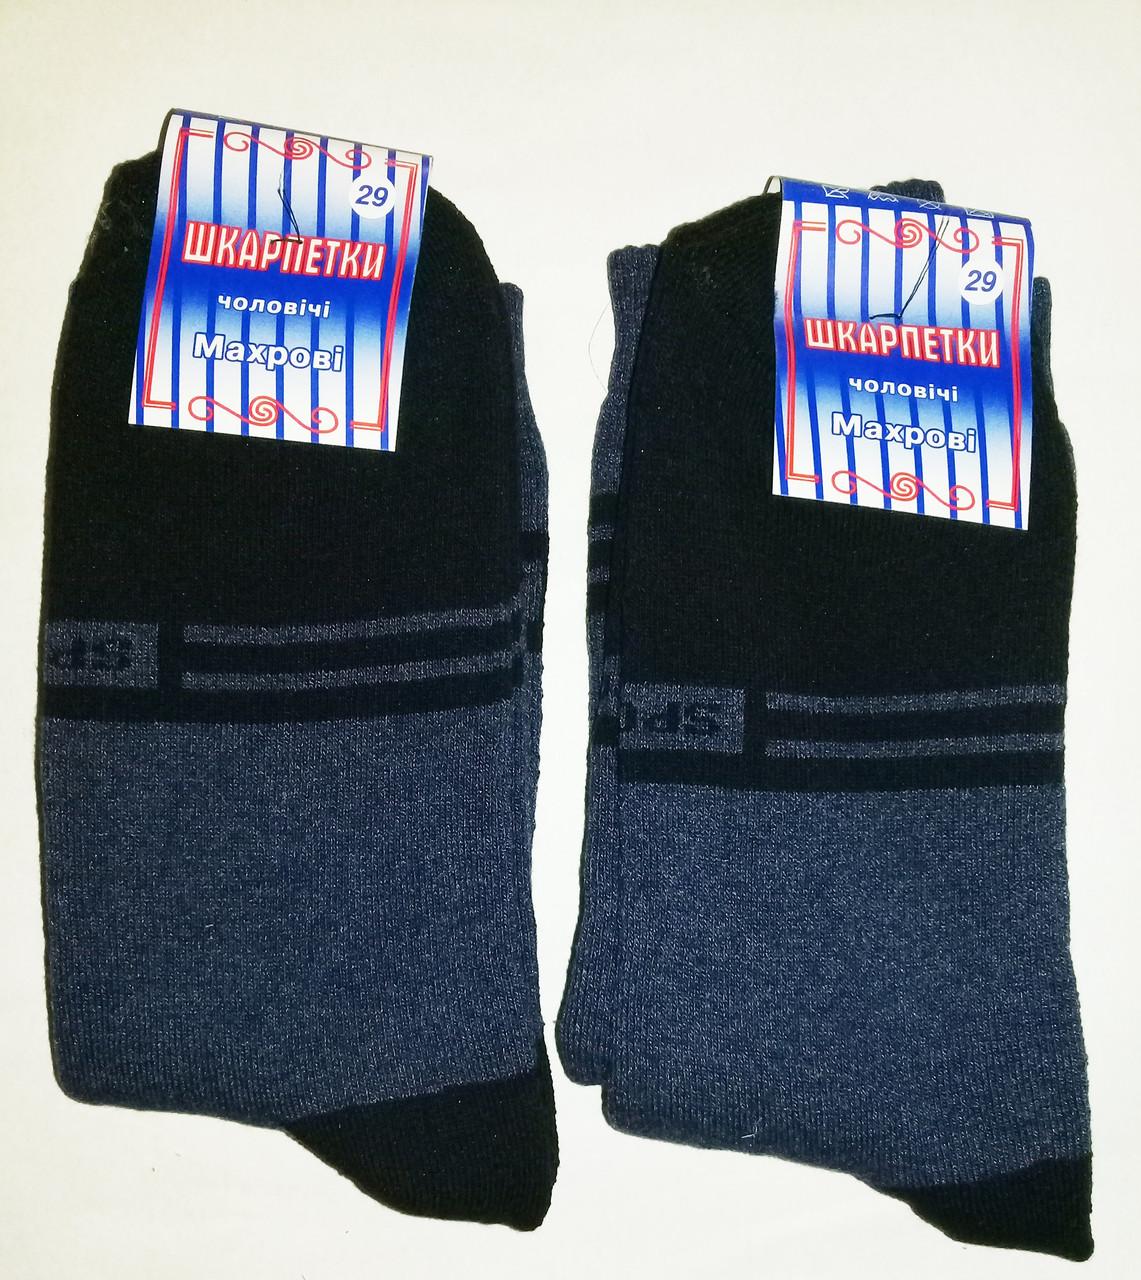 Носки мужские теплые махровые, хлопок стрейч, цвет синий. Р-р 27. От 6 пар по 12грн.